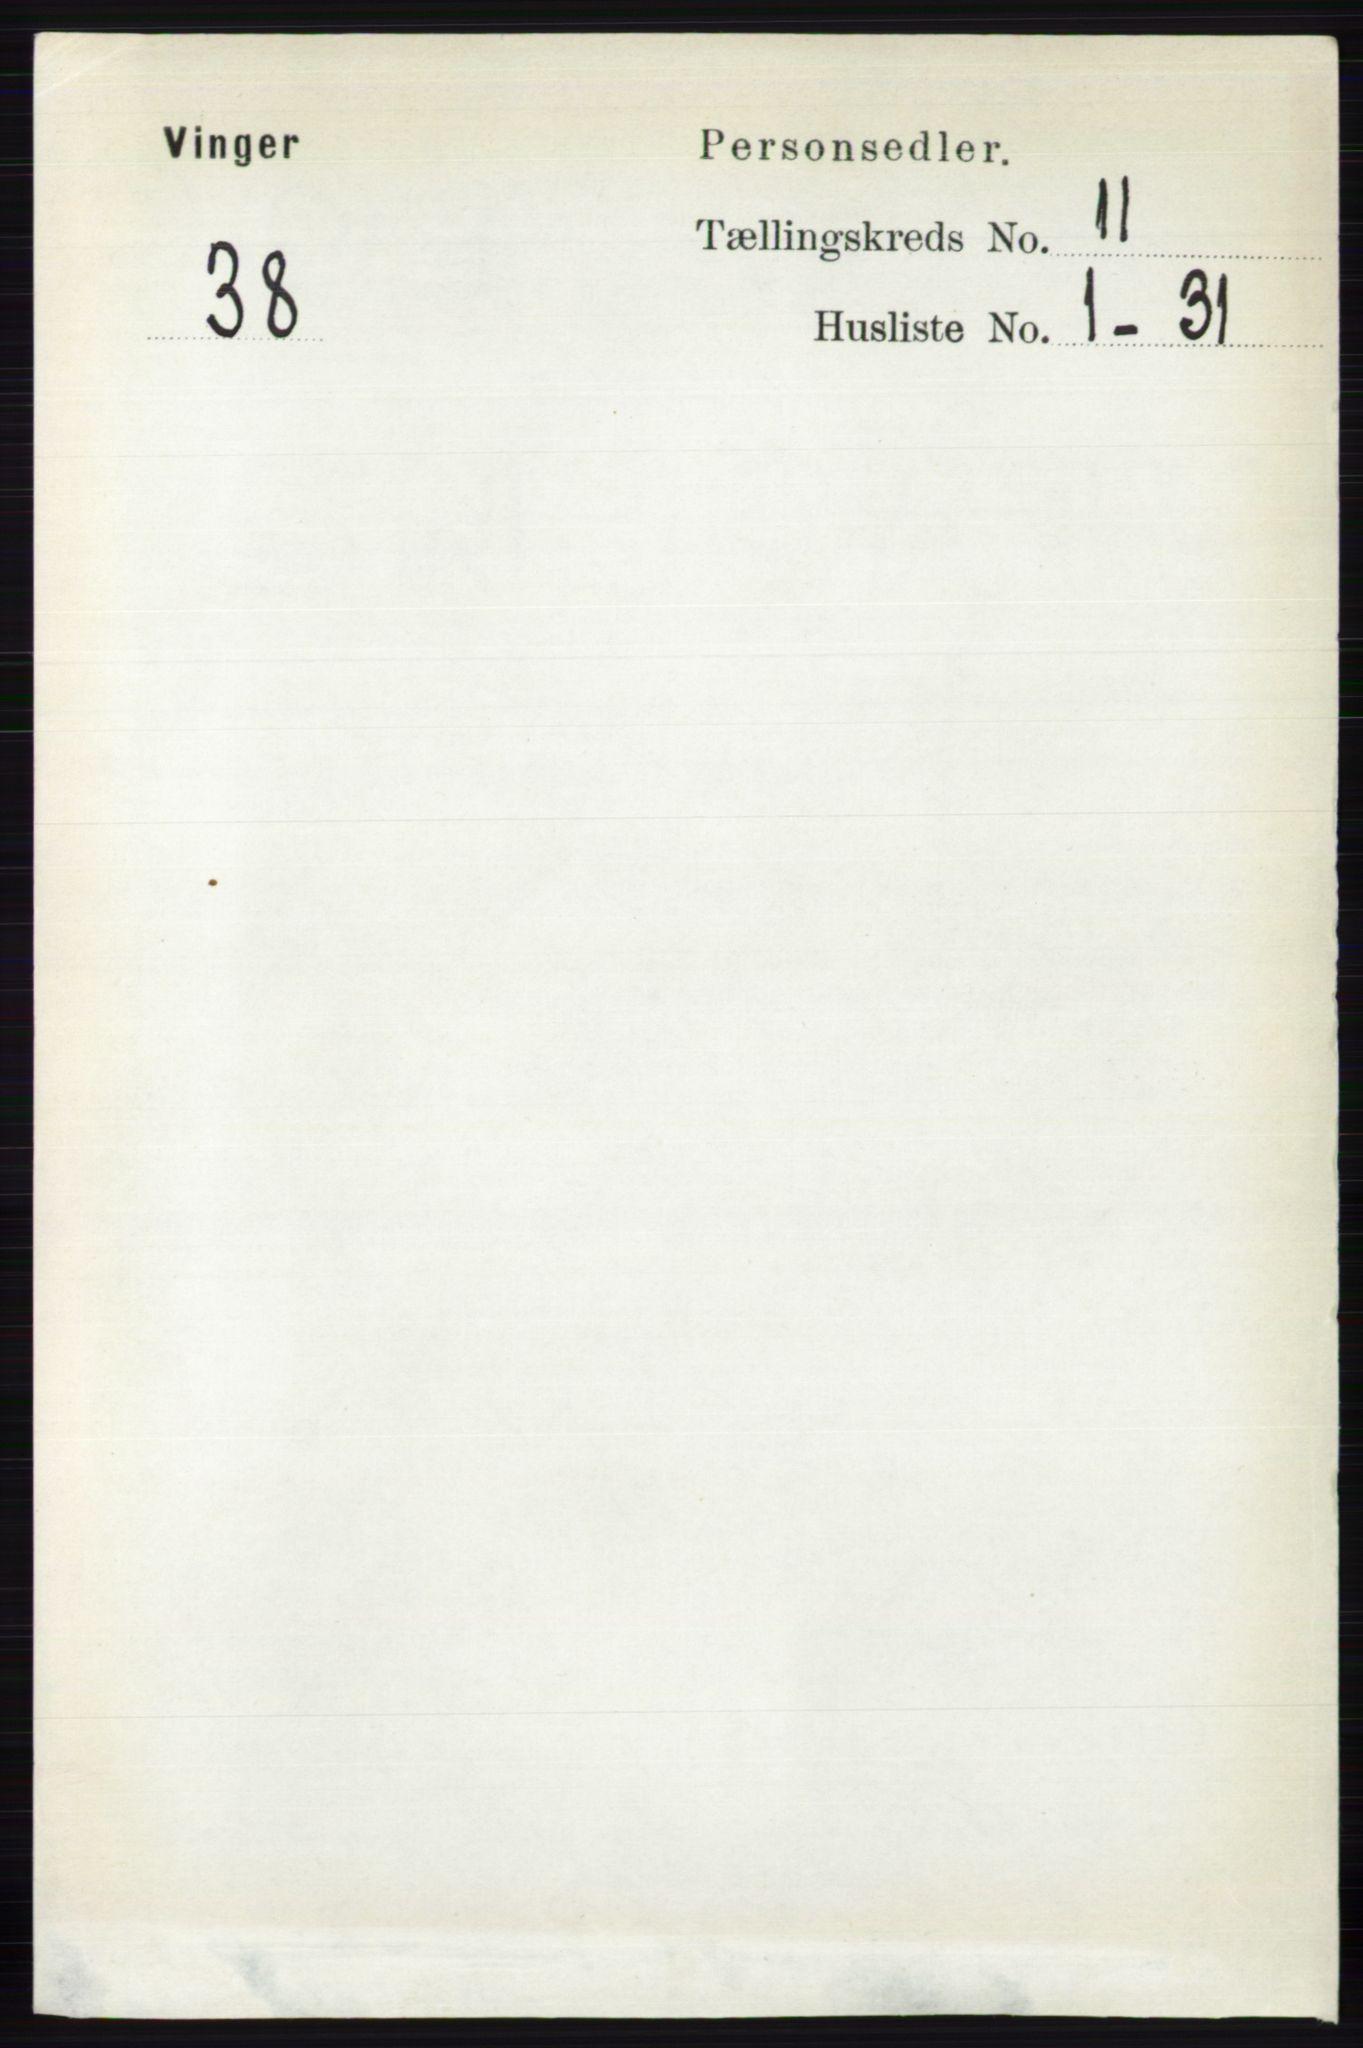 RA, Folketelling 1891 for 0421 Vinger herred, 1891, s. 5346